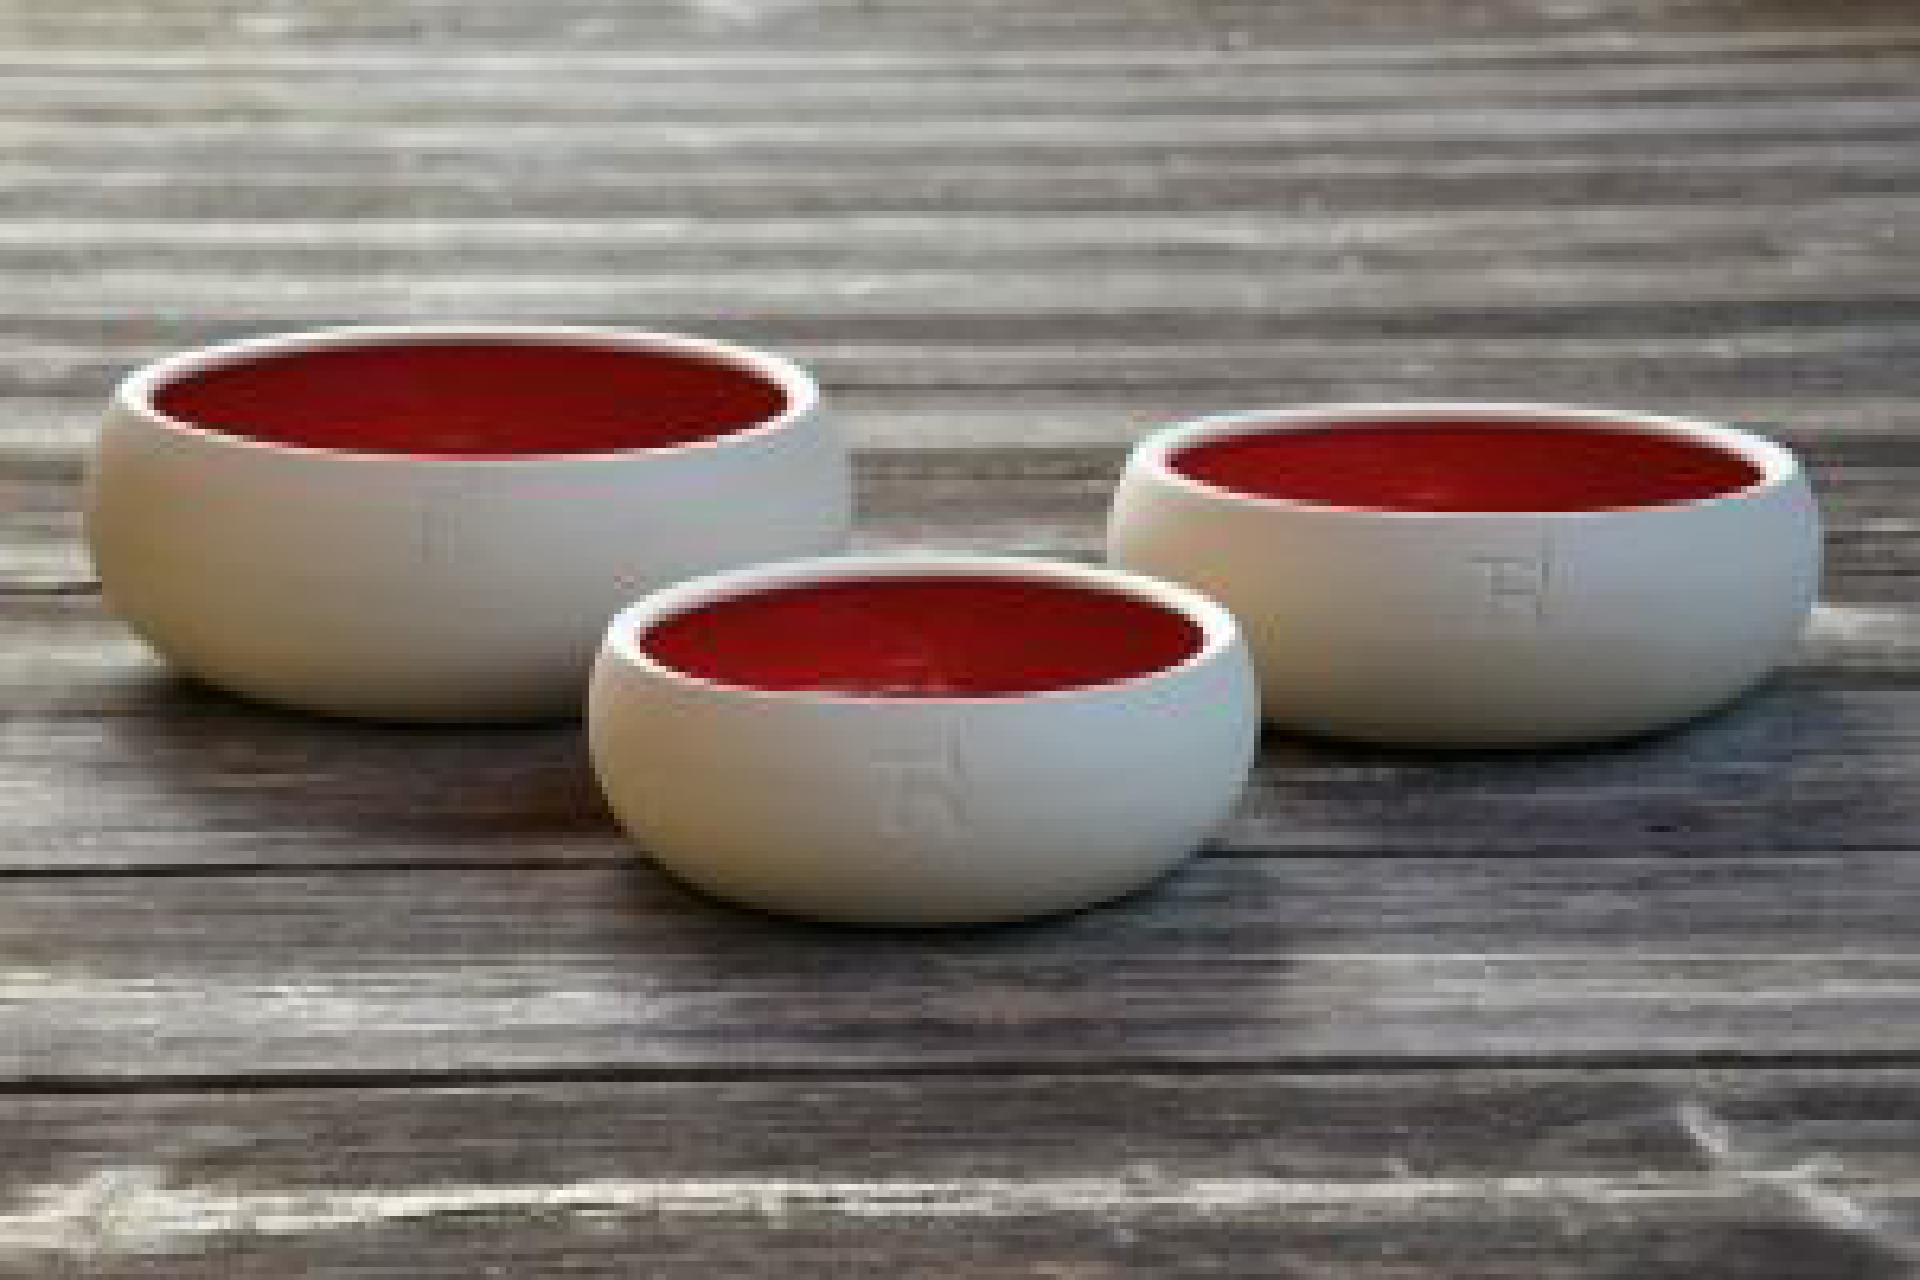 hundenapf-keramik-purpur_1200_720x600